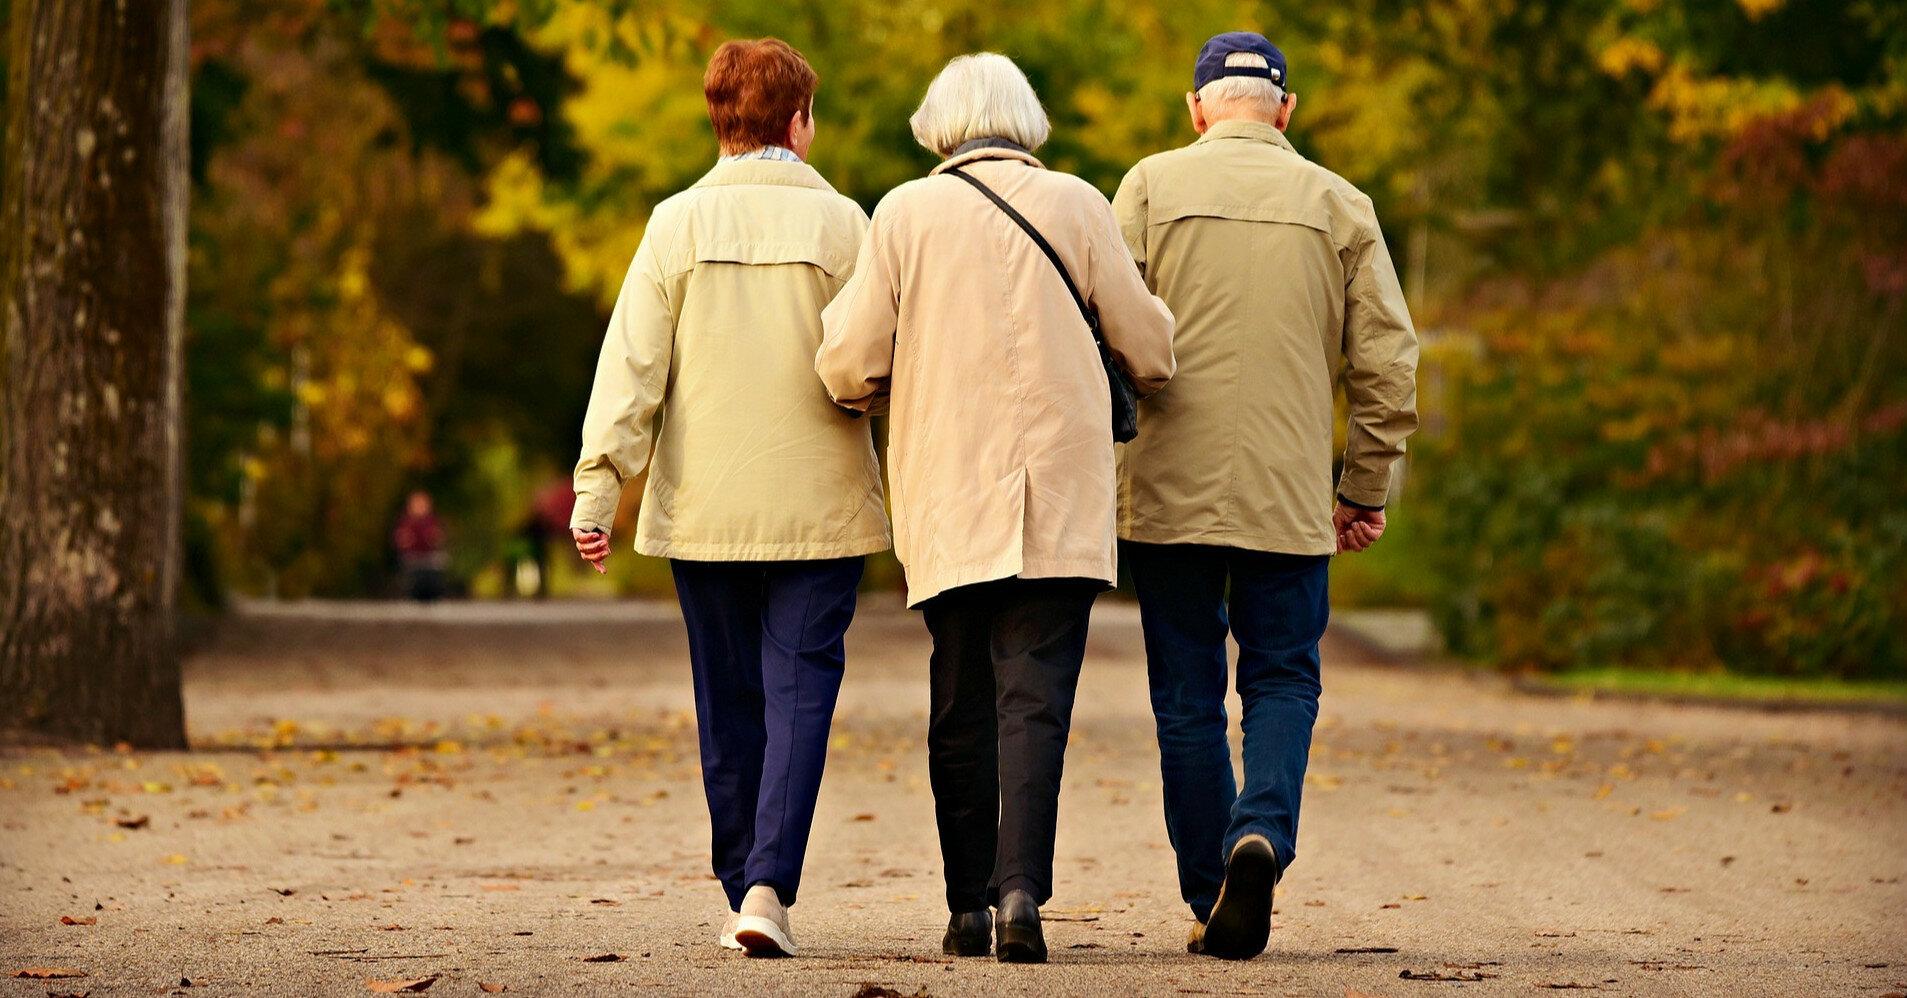 Пенсионный фонд в будущем потеряет смысл – эксперт